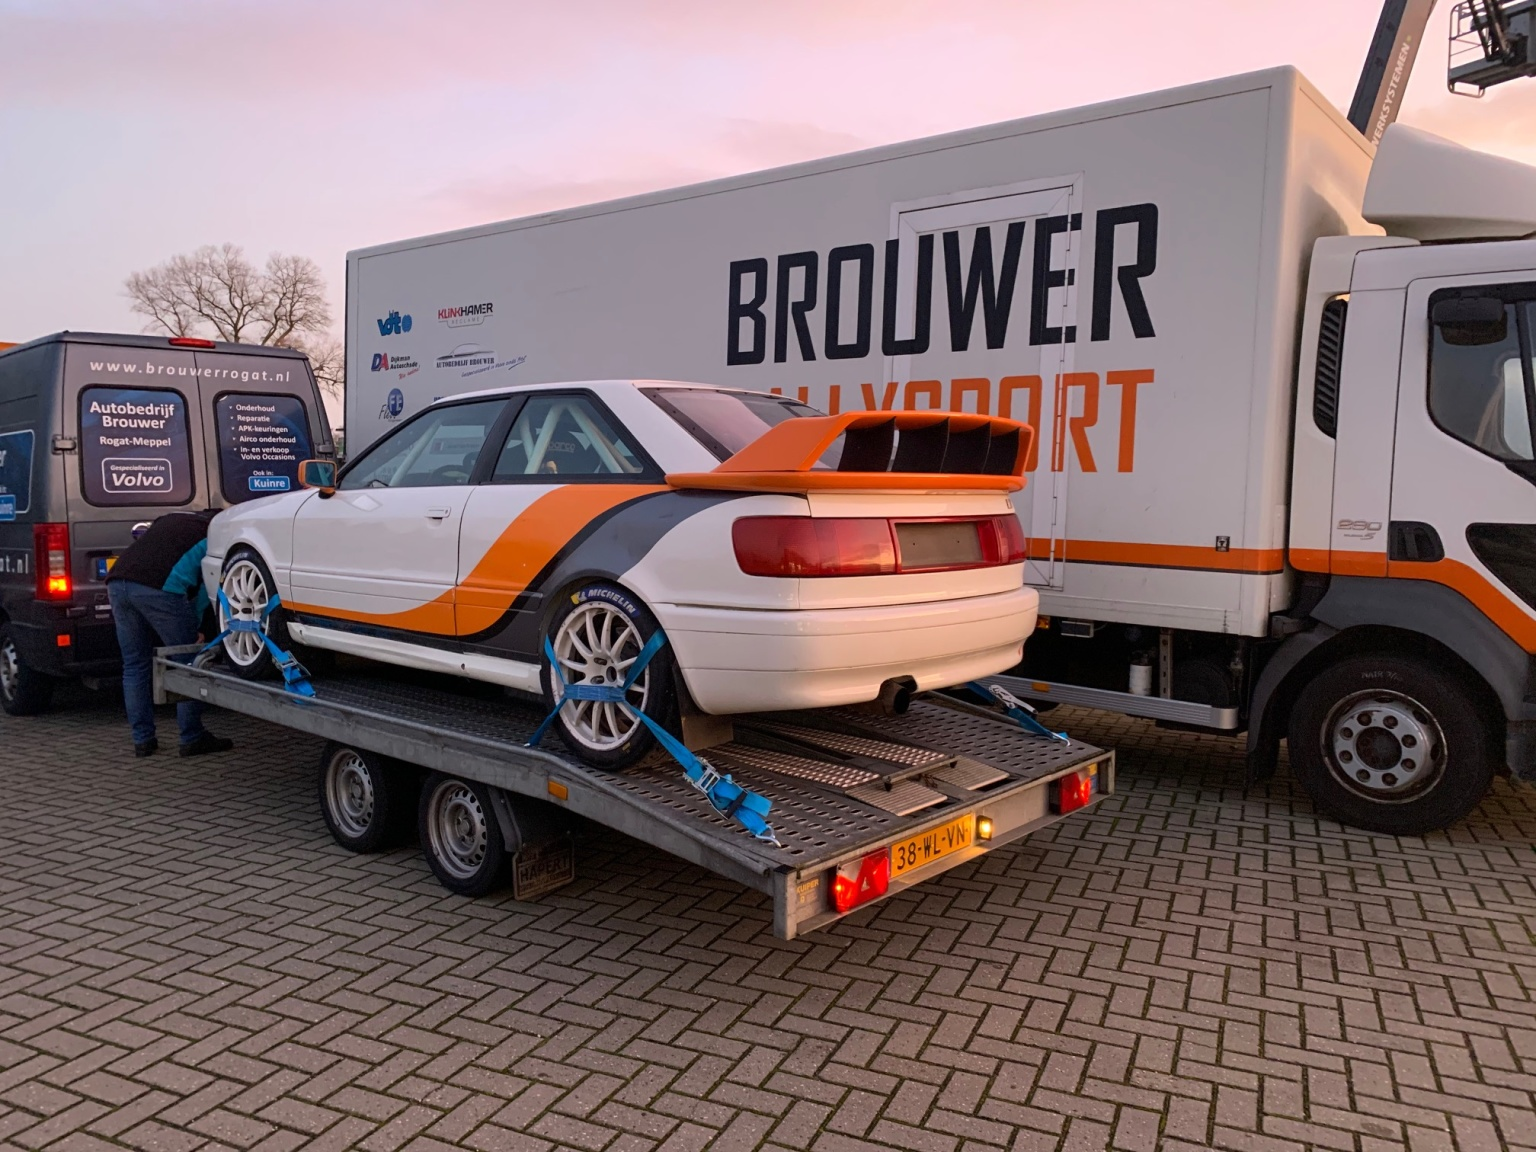 Brouwer Rallysport verkoopt Audi S2 Quattro-2019-12-24 15:24:11